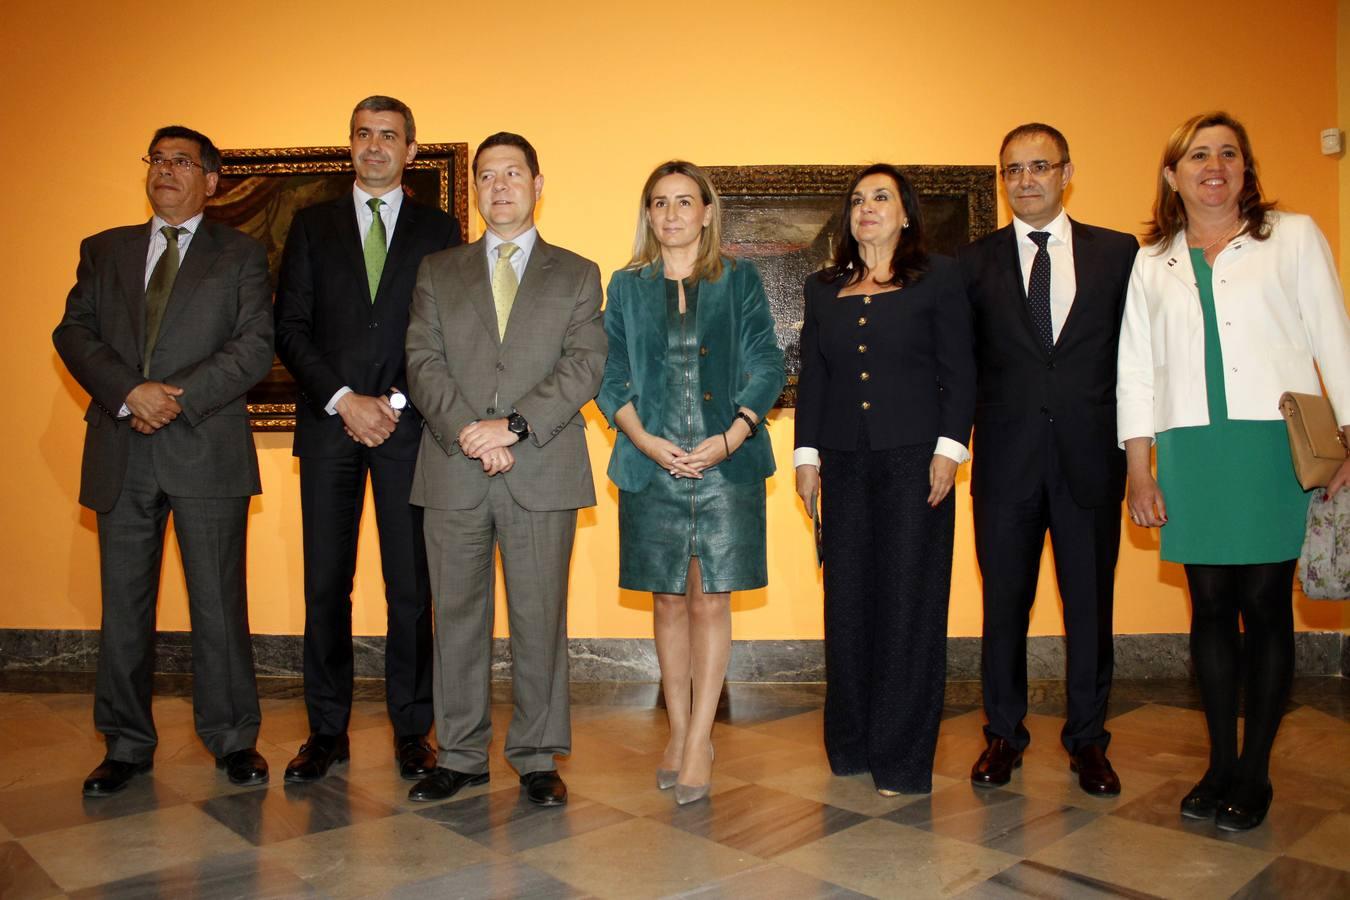 El presidente de Castilla-La Mancha, Emiliano García-Page y la alcaldesa de Toledo, Milagros Tolón, entre otros, en la inauguración de la exposición